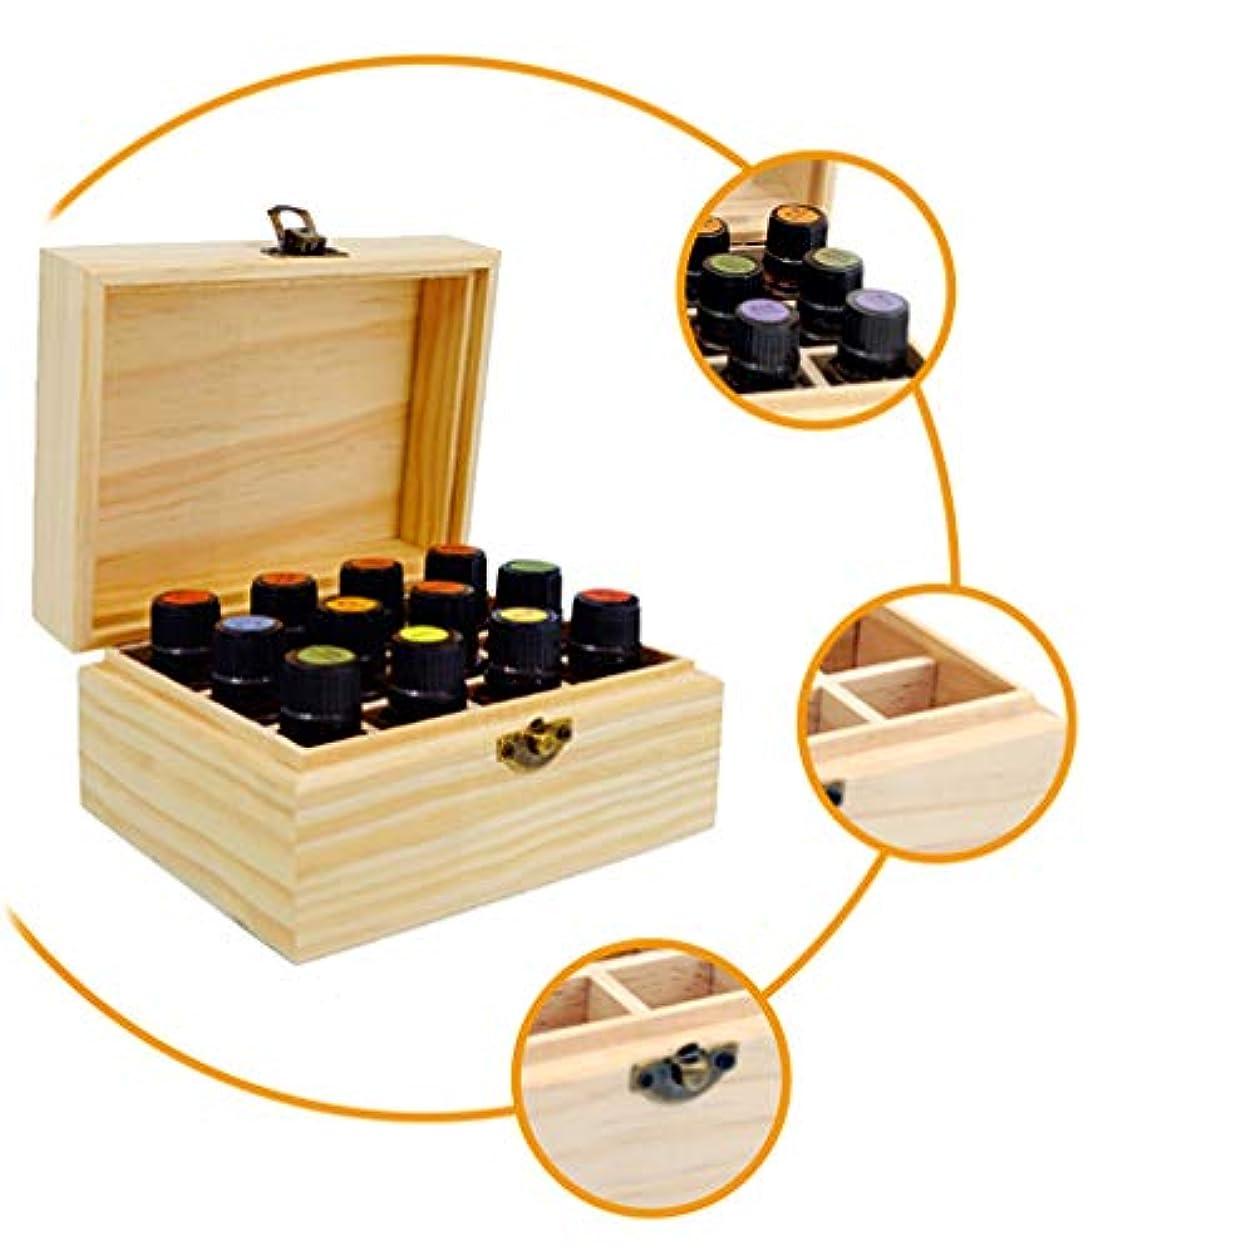 高音ひまわり明らかにするJIOLK エッセンシャルオイル 収納ボックス 12本用 木製 香水収納ケース 大容量 精油収納 携帯便利 オイルボックス おしゃれ 精油ケース